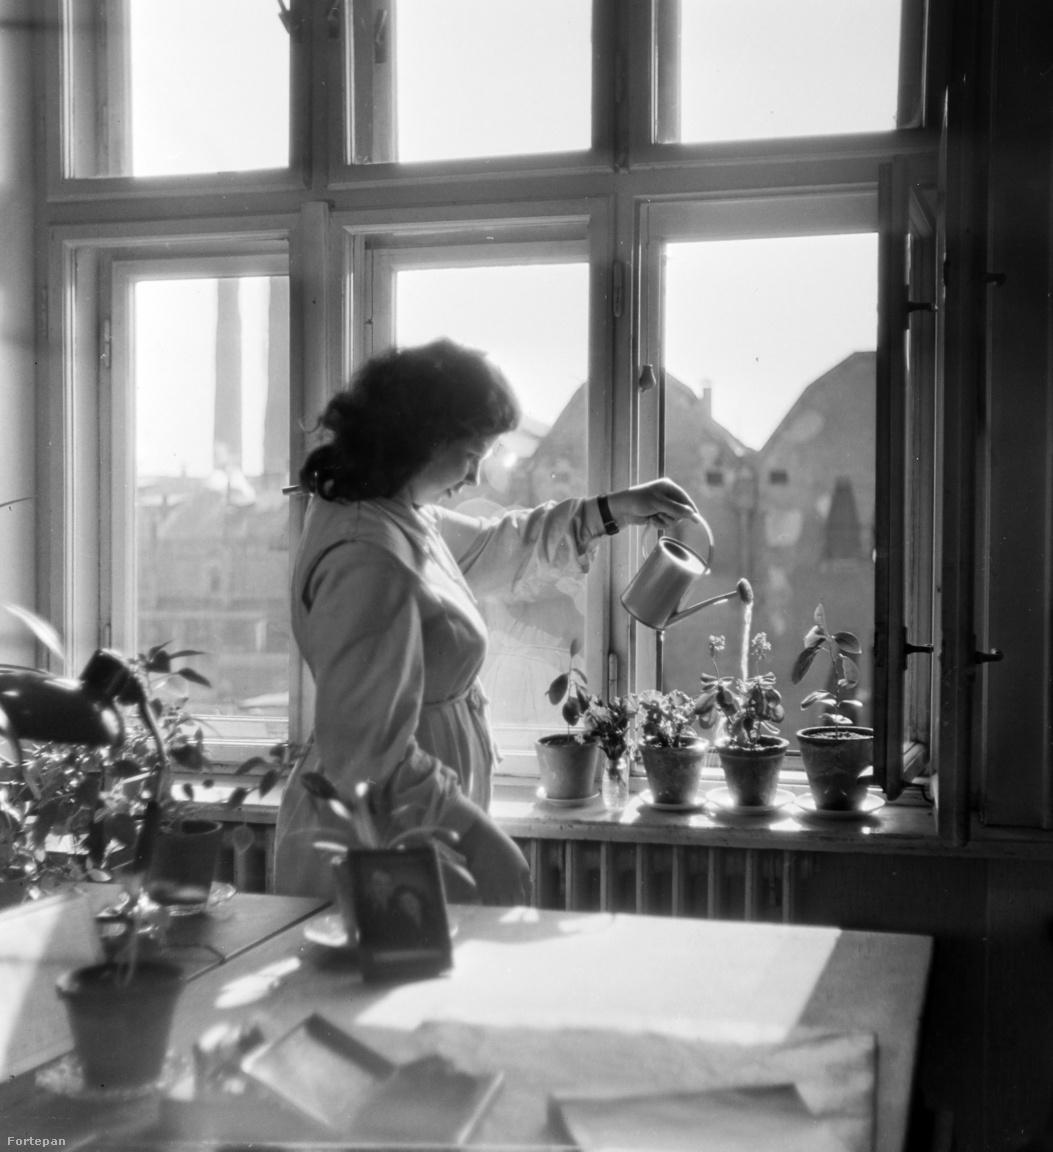 """Keveházi János valószínűleg profi fényképész vagy pedagógus lett volna, ha lett volna lehetősége továbbtanulni, de nem volt, így maradt neki a gyár, ahol képzettség nélkül is megtalálta a sorsa. 17 évesen, egy saját maga által bütykölt géppel kezdett fényképezni. """"1928-ban, a Mester utcai felsőkereskedelmi iskola tanulójaként bukásra álltam fizikából. Tudtam, hogy Bogdánfi tanár úr, a fizikatanár rajong a fényképezésért, ezért – hogy levegyem a lábáról – összeeszkábáltam egy fényképezőgépet. Kétpengős objektívvel, egyperces exponálási idővel működött. Kettest kaptam fizikából. (Akkor az jó jegy volt.) De ami a fényképezést illeti – többé nem volt megállás"""" – emlékezett vissza pár évtizeddel később."""